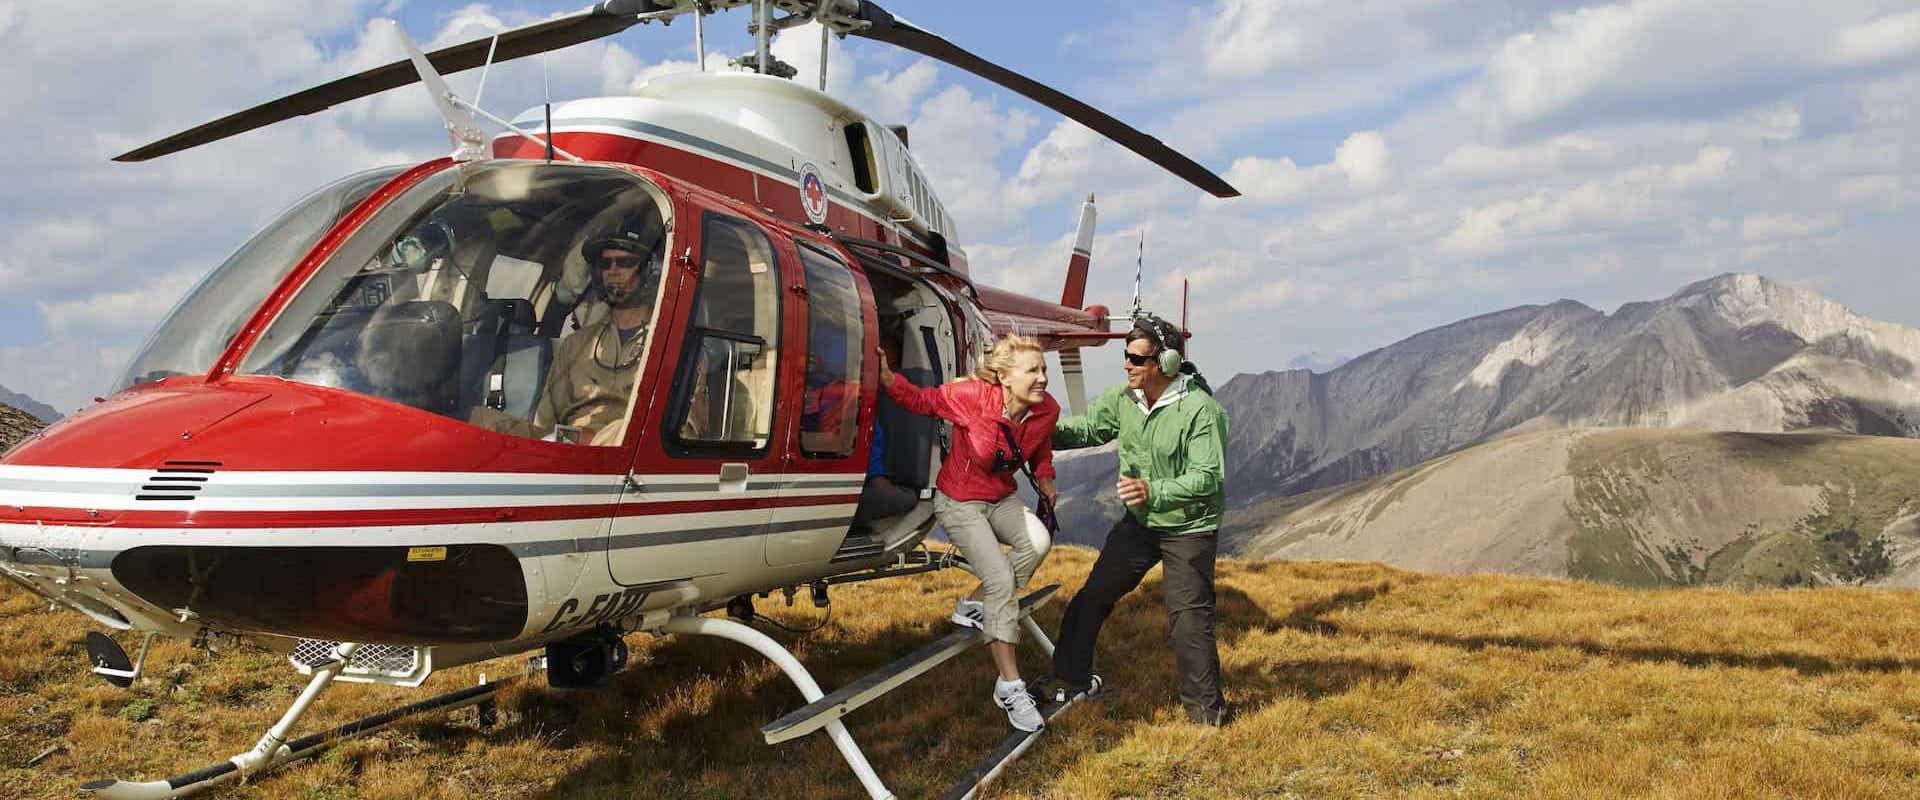 Banff Alpine Heli & Hike